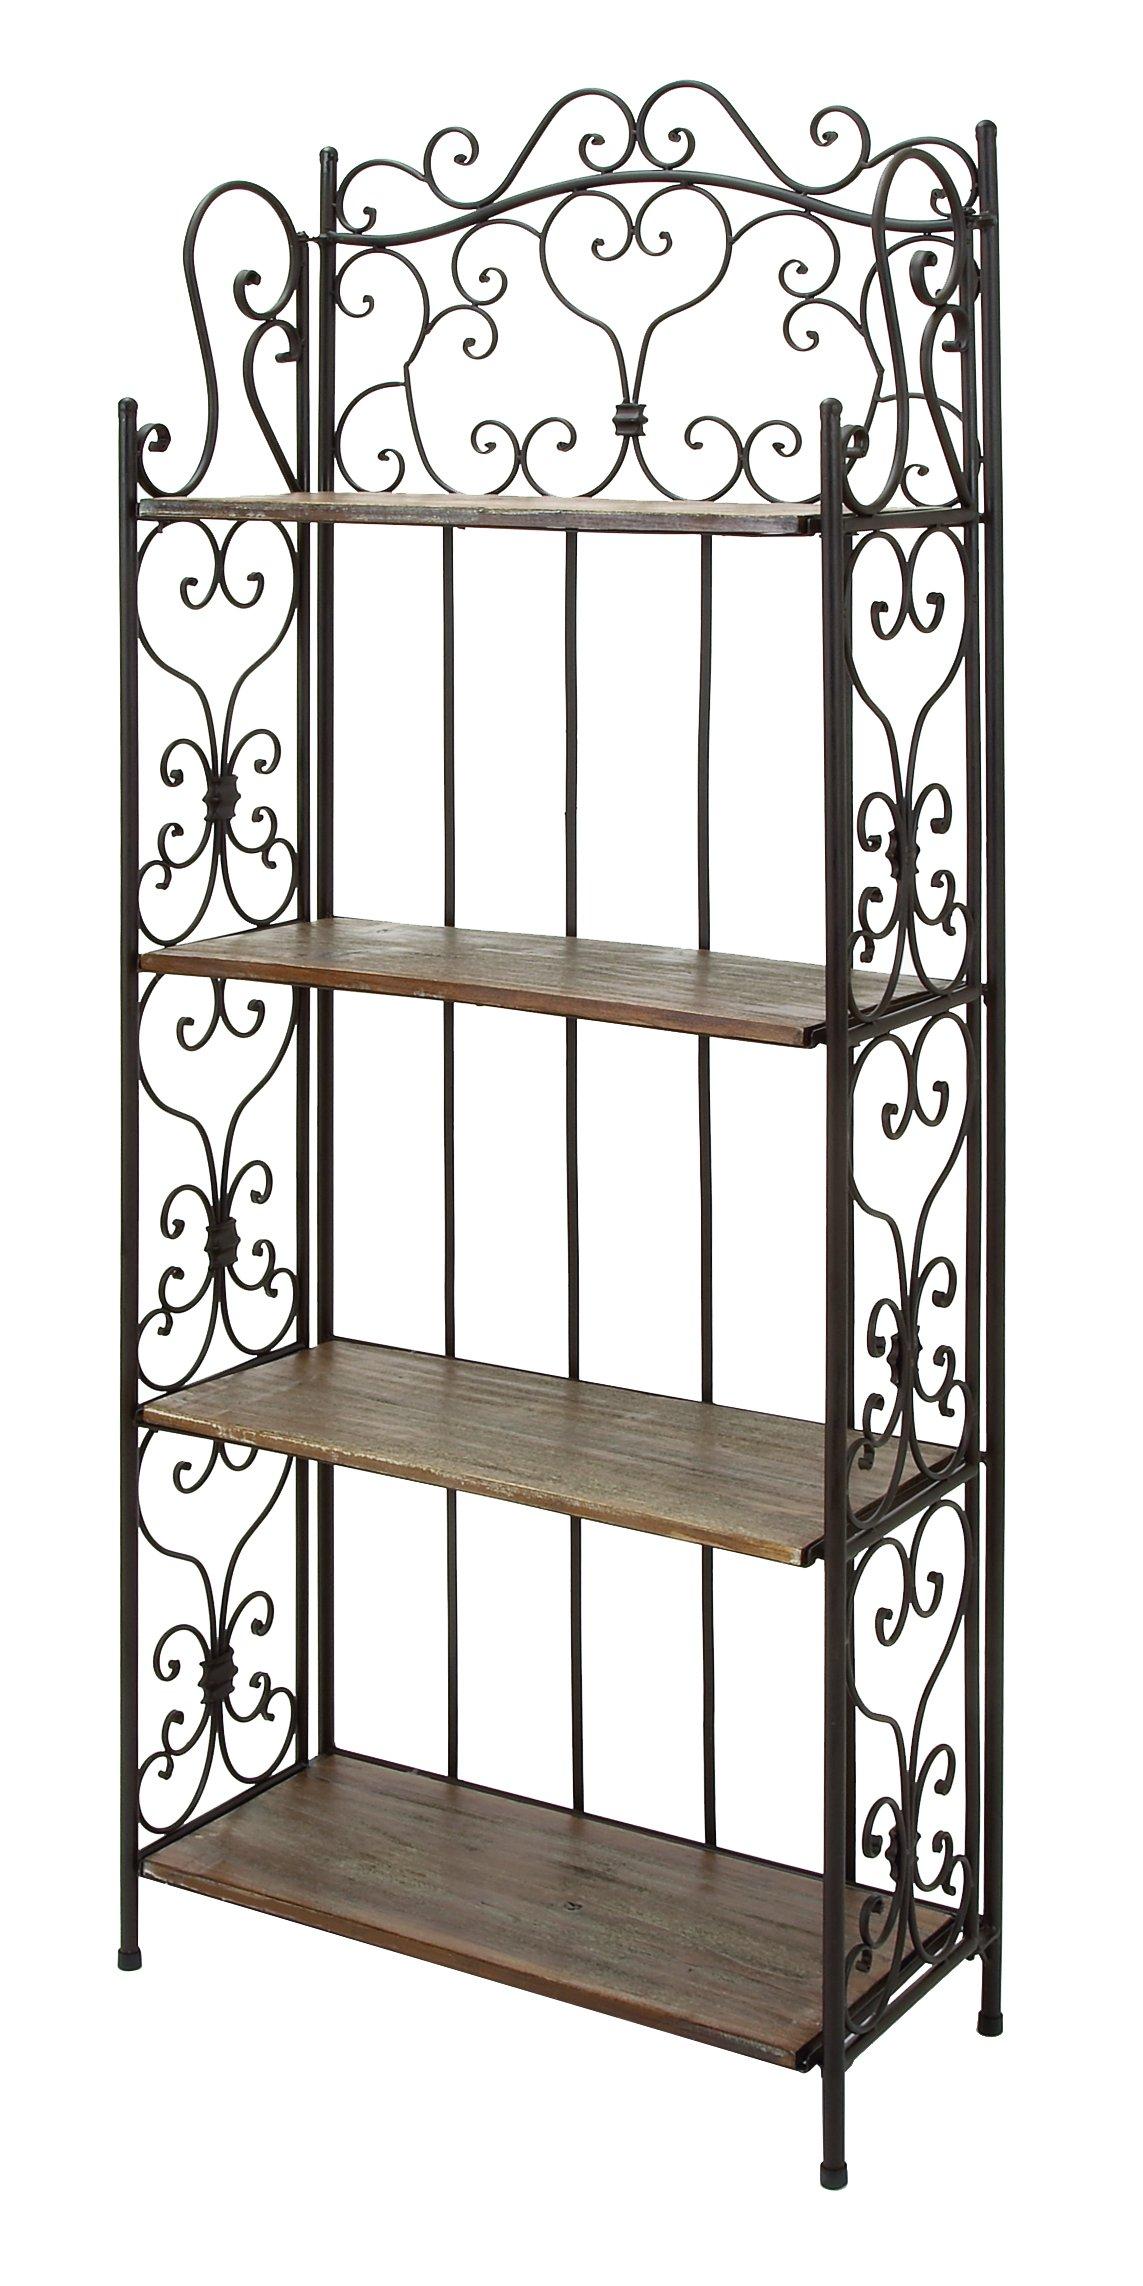 Deco 79 69872 Metal Wood Baker Rack, 27 by 68-Inch